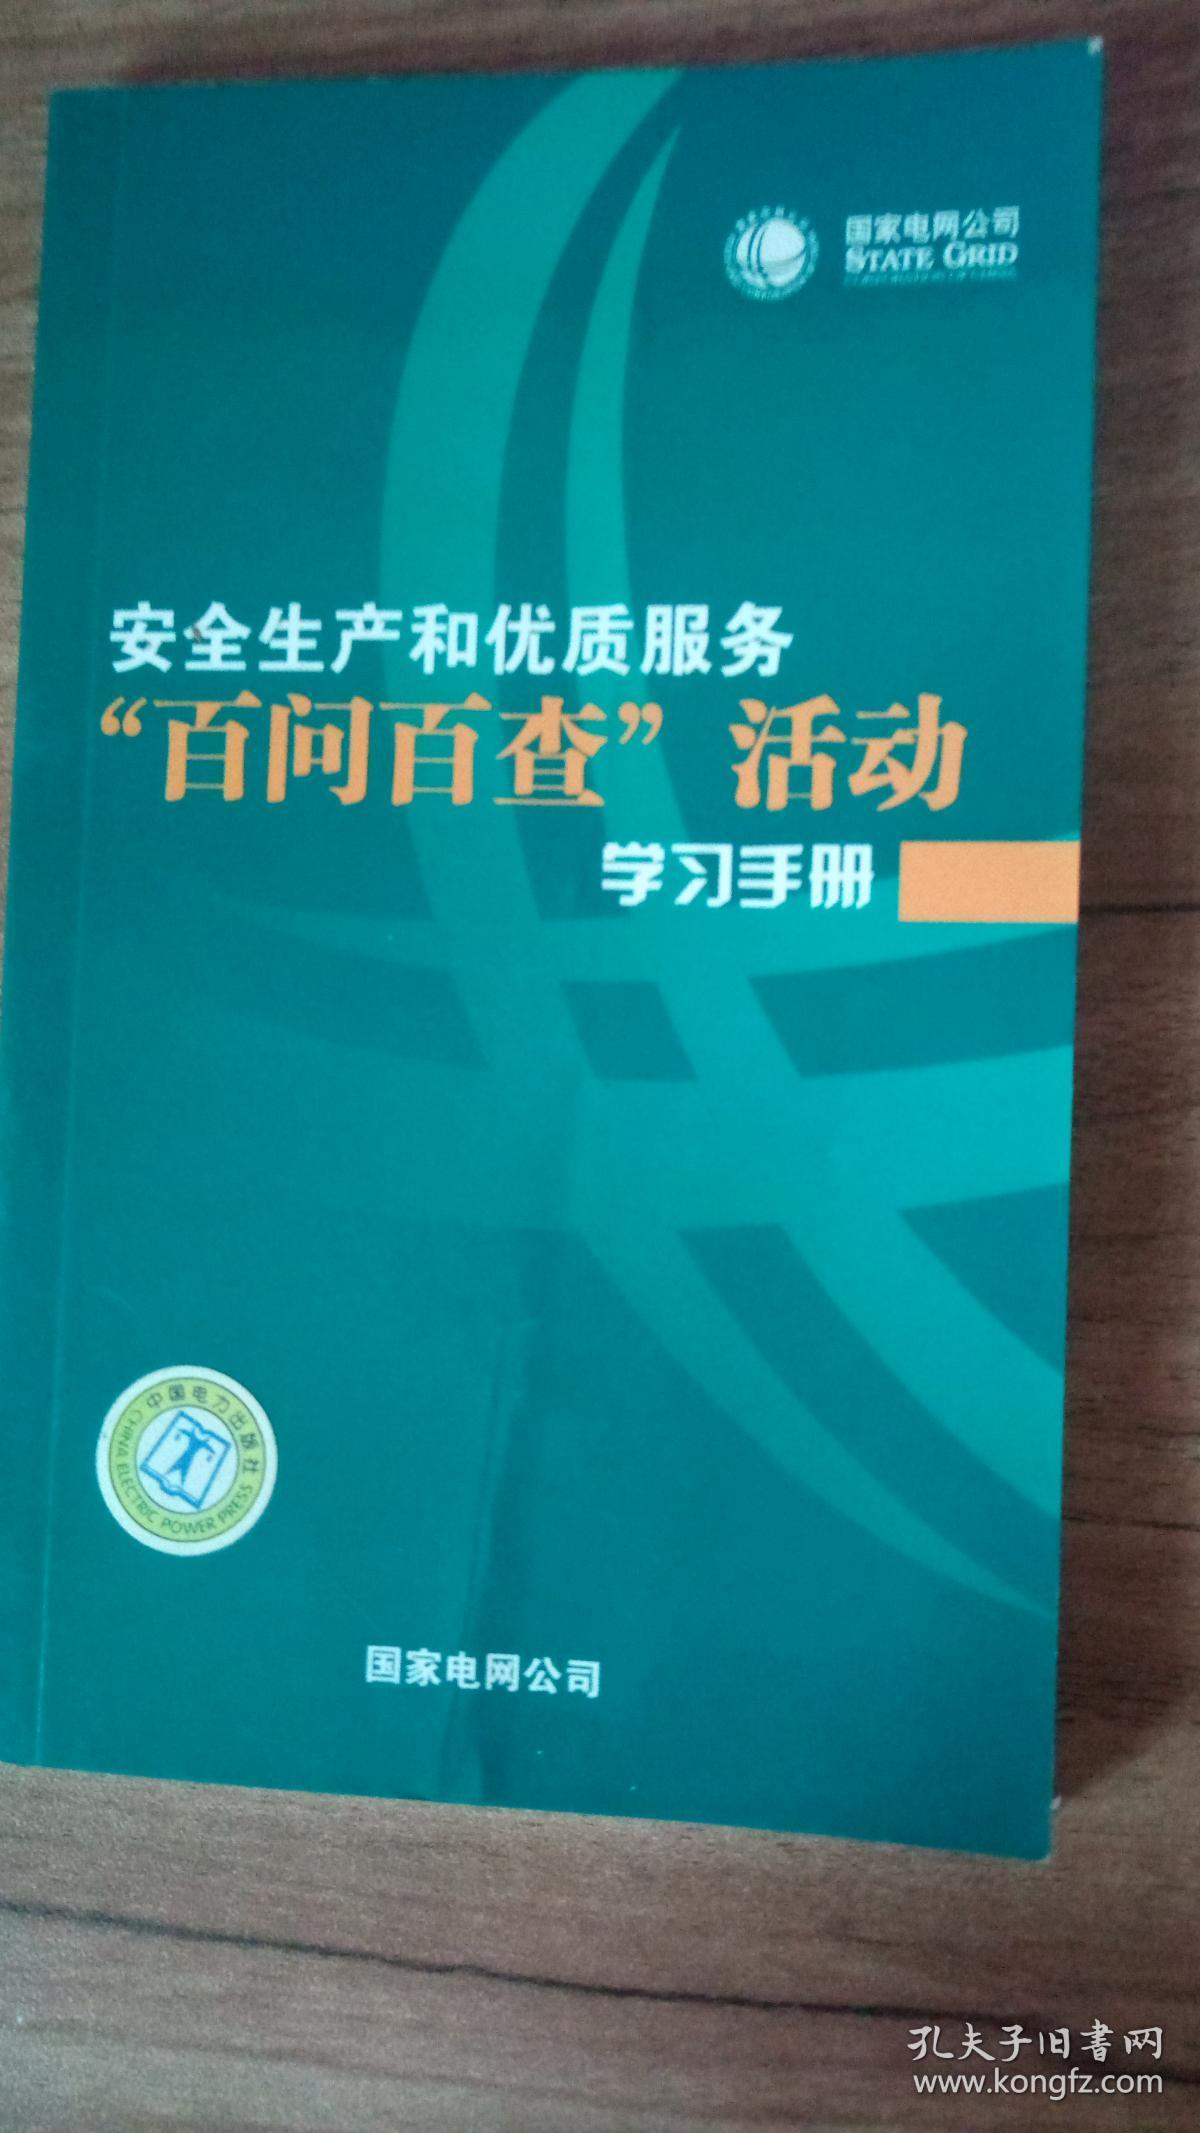 """安全生产和优质服务""""百问百查""""活动学习手册"""